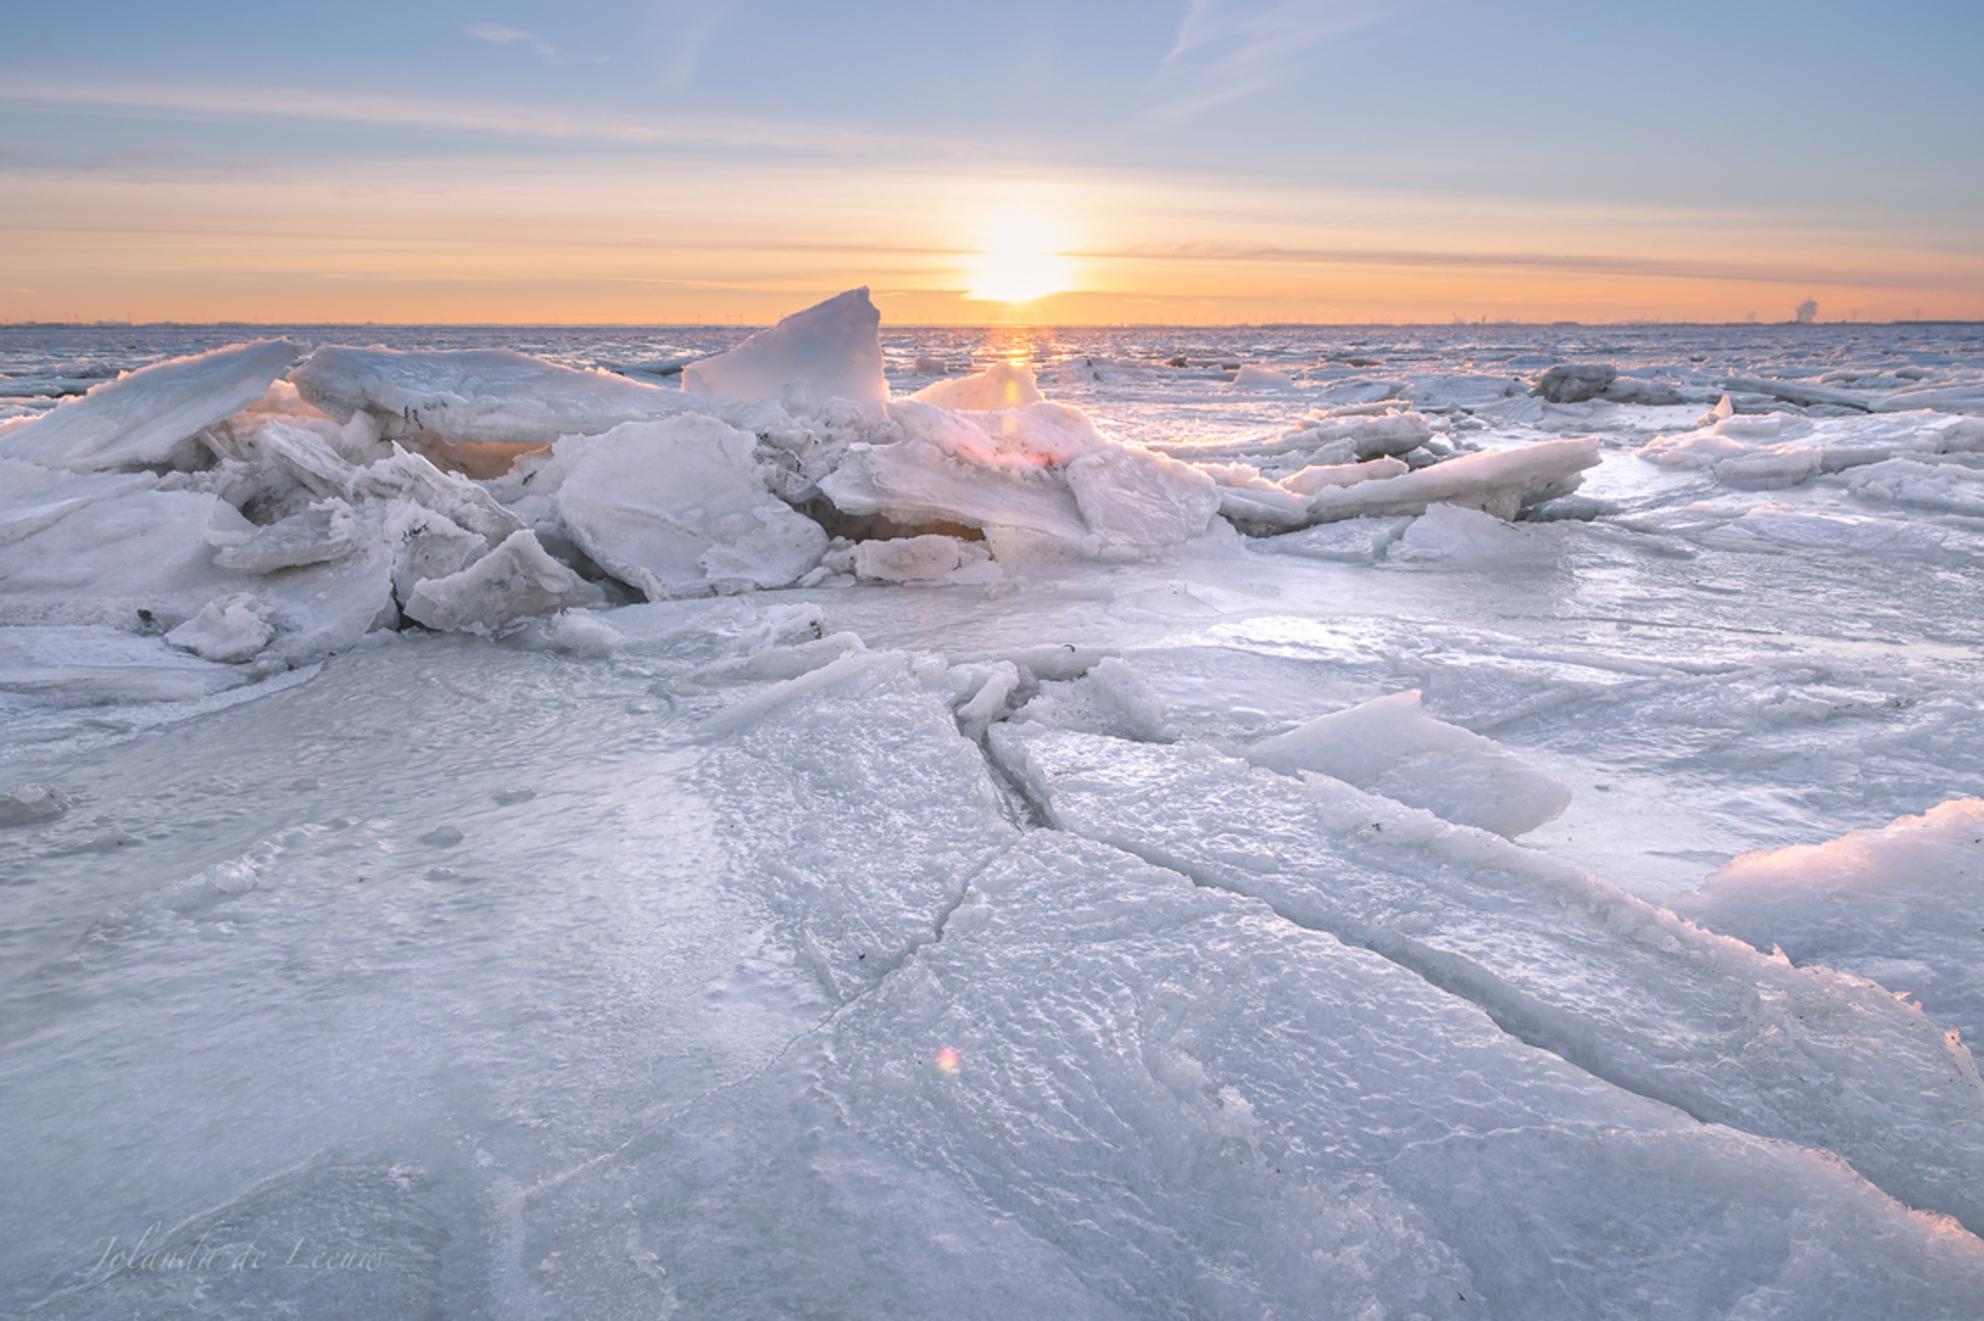 Zeeuwse Antarctica - Ijsschotsen op de Oosterschelde - foto door JolandadeLeeuw op 16-02-2021 - deze foto bevat: zon, zee, natuur, sneeuw, ijs, landschap, zonsopkomst, kust, hdr, ijsschotsen - Deze foto mag gebruikt worden in een Zoom.nl publicatie